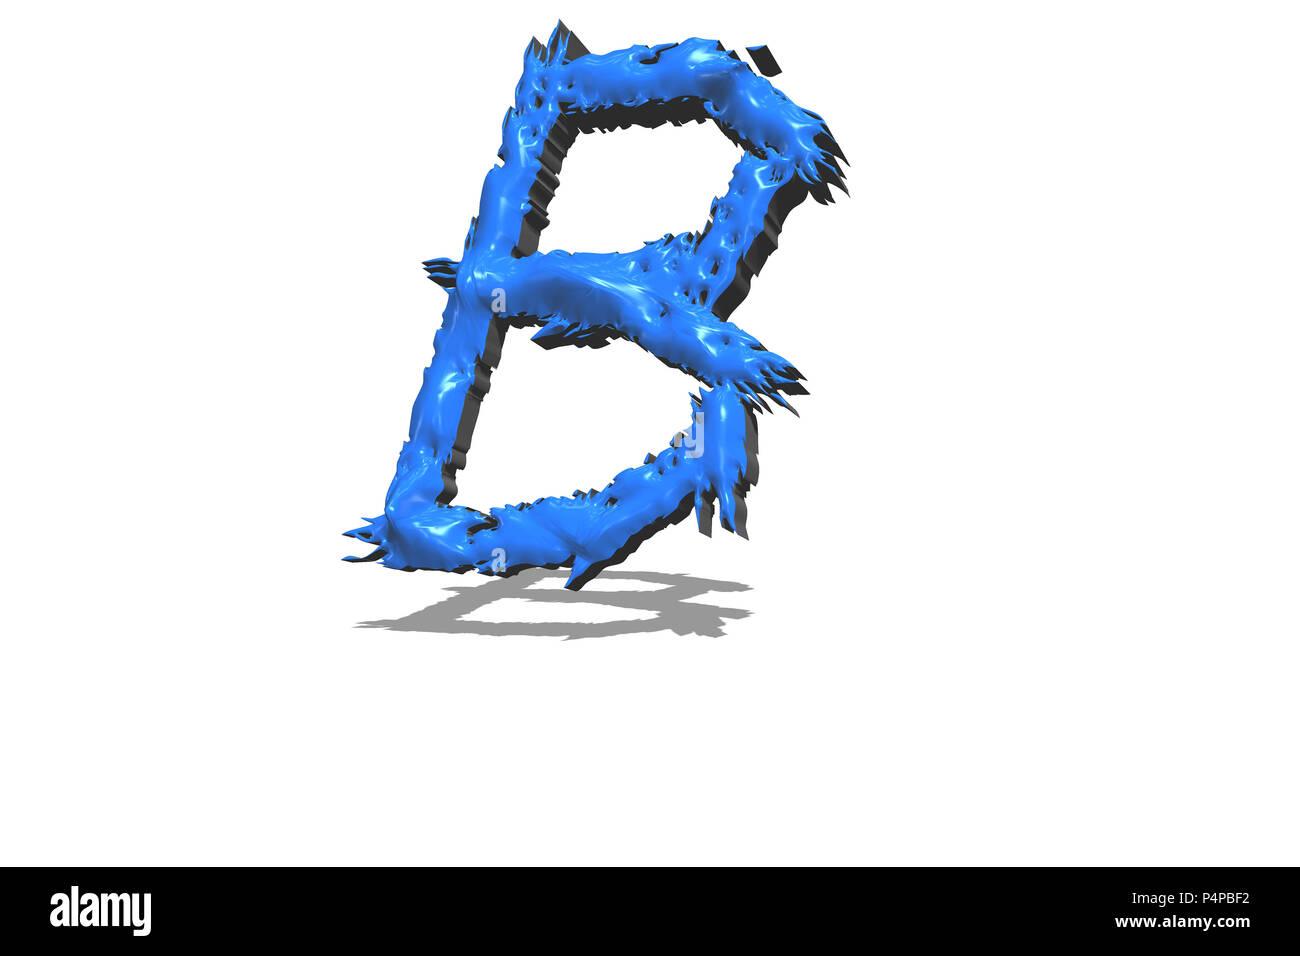 Großen blauen Buchstaben B in 3D auf weißem Hintergrund Stockbild